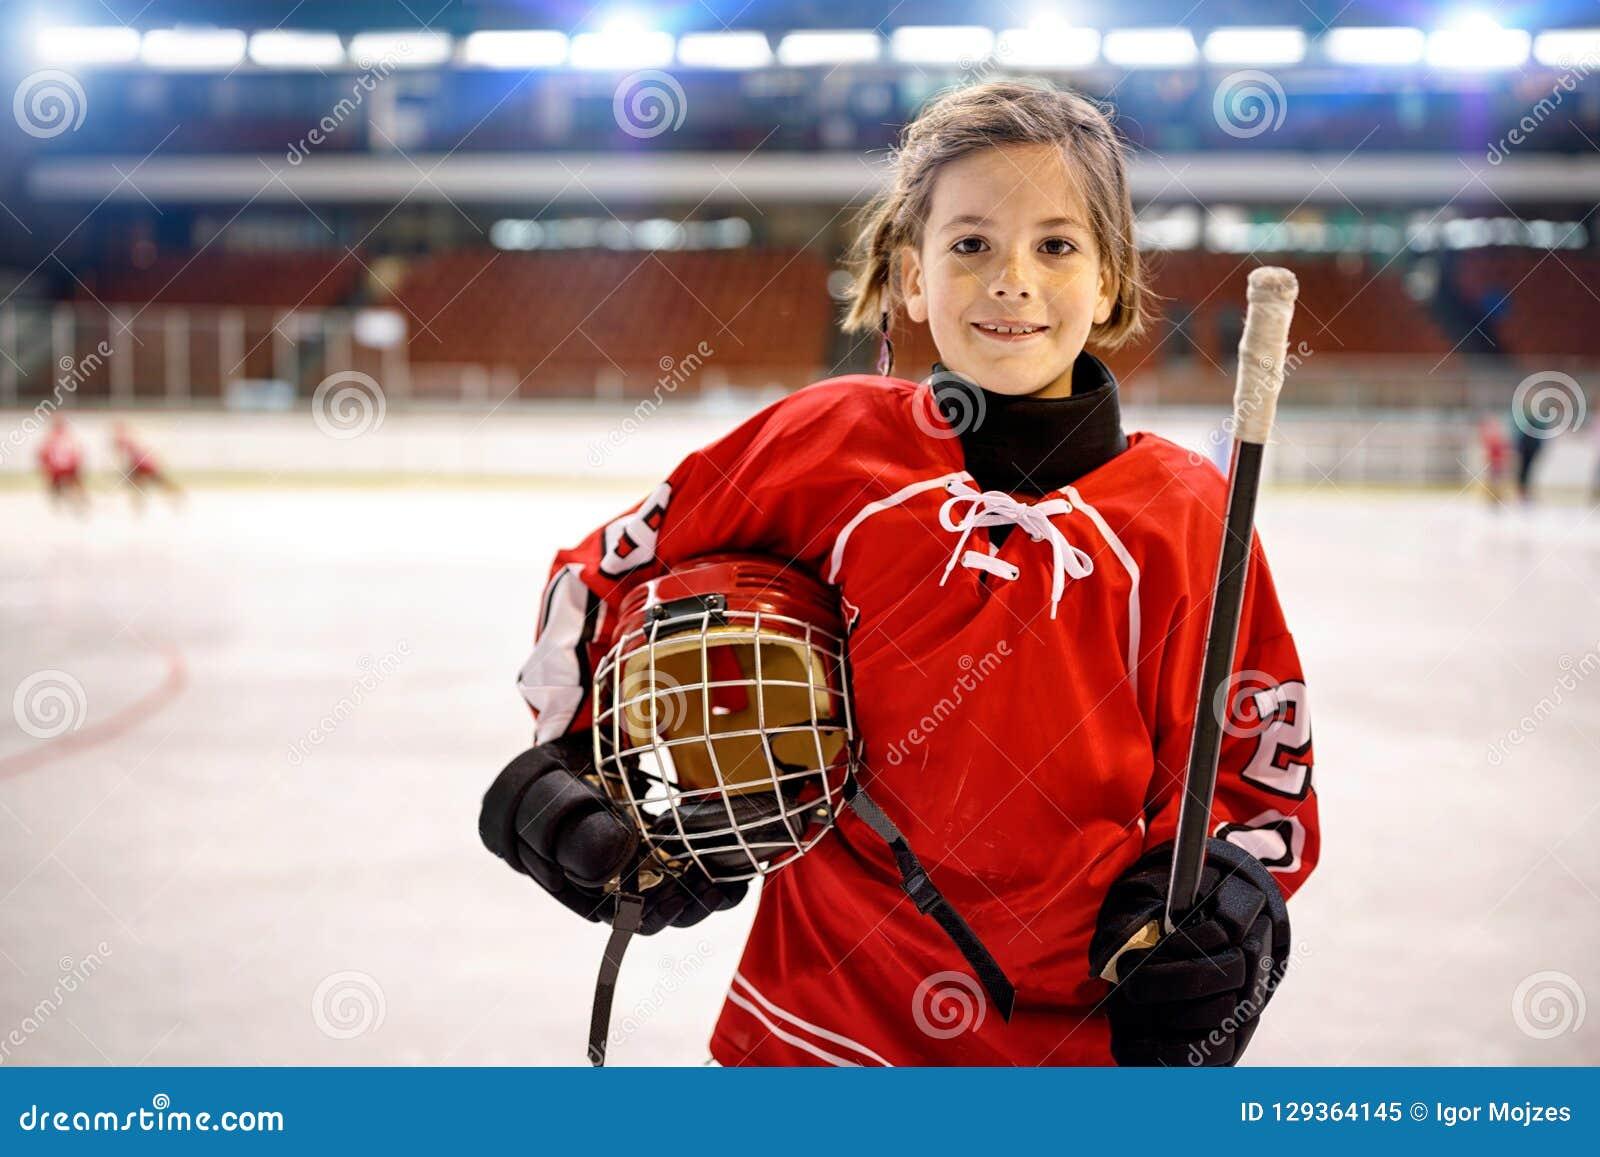 青年女孩曲棍球运动员